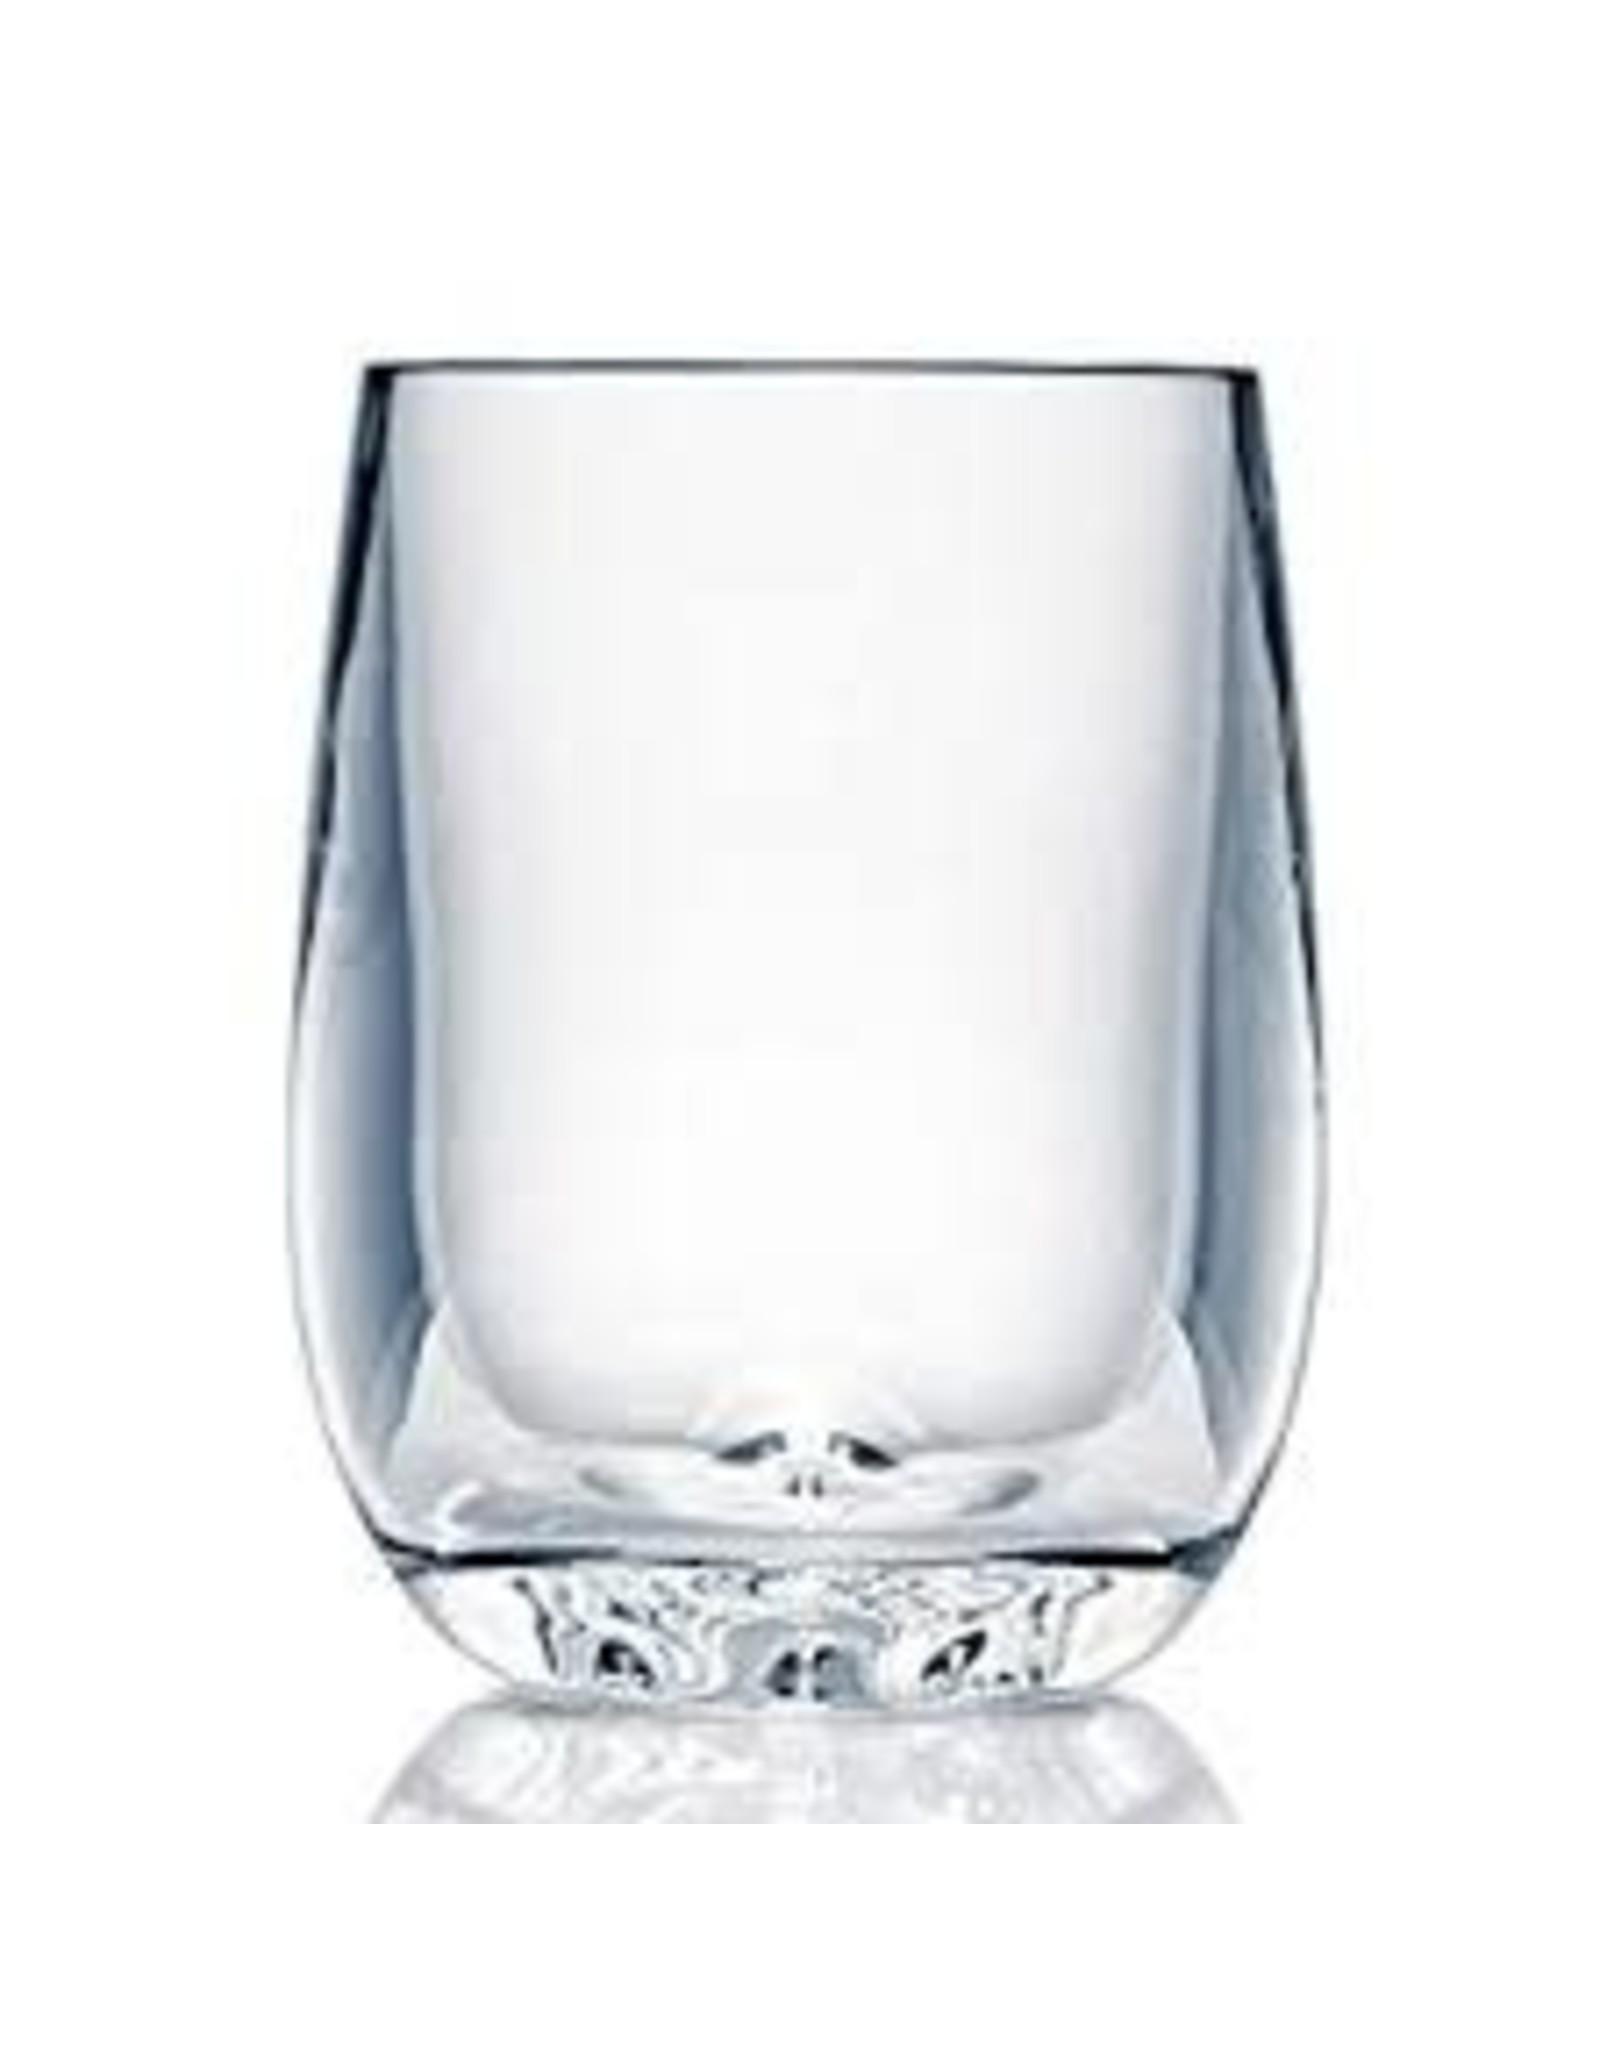 Strahl STRAHL 8oz Stemless White Wine Tumbler